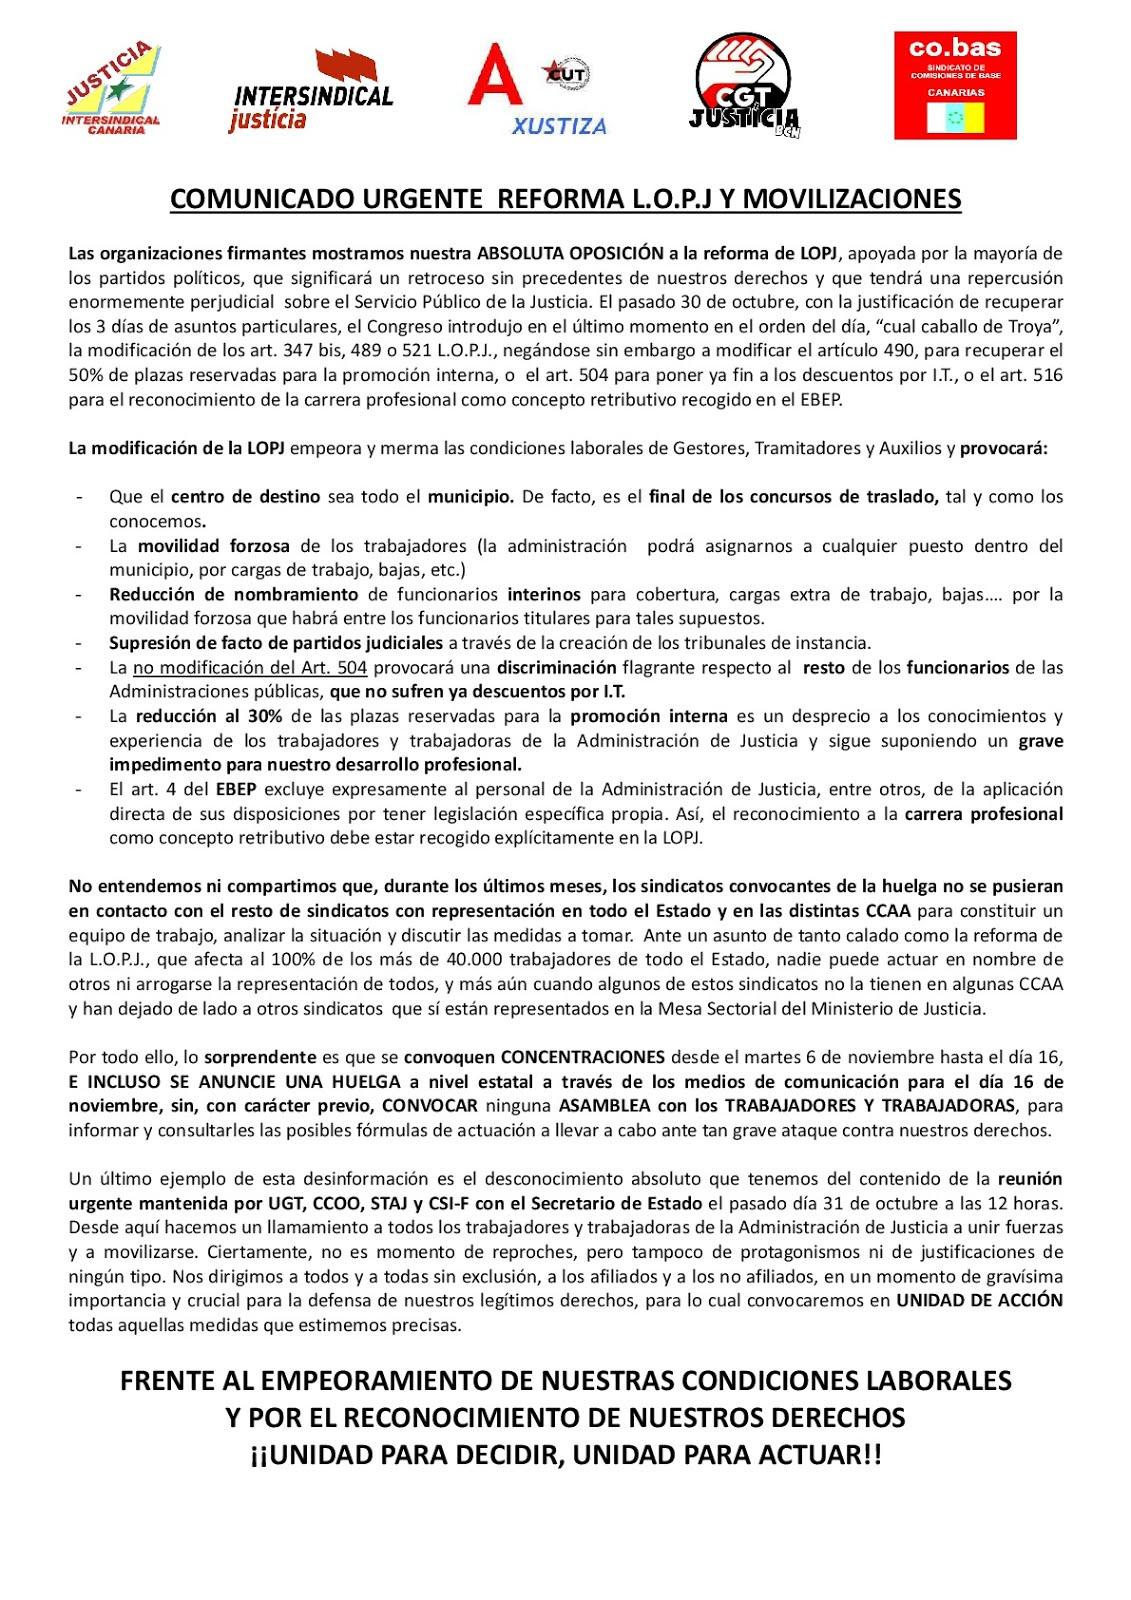 COMUNICADO URGENTE REFORMA L.O.P.J Y MOVILIZACIONES